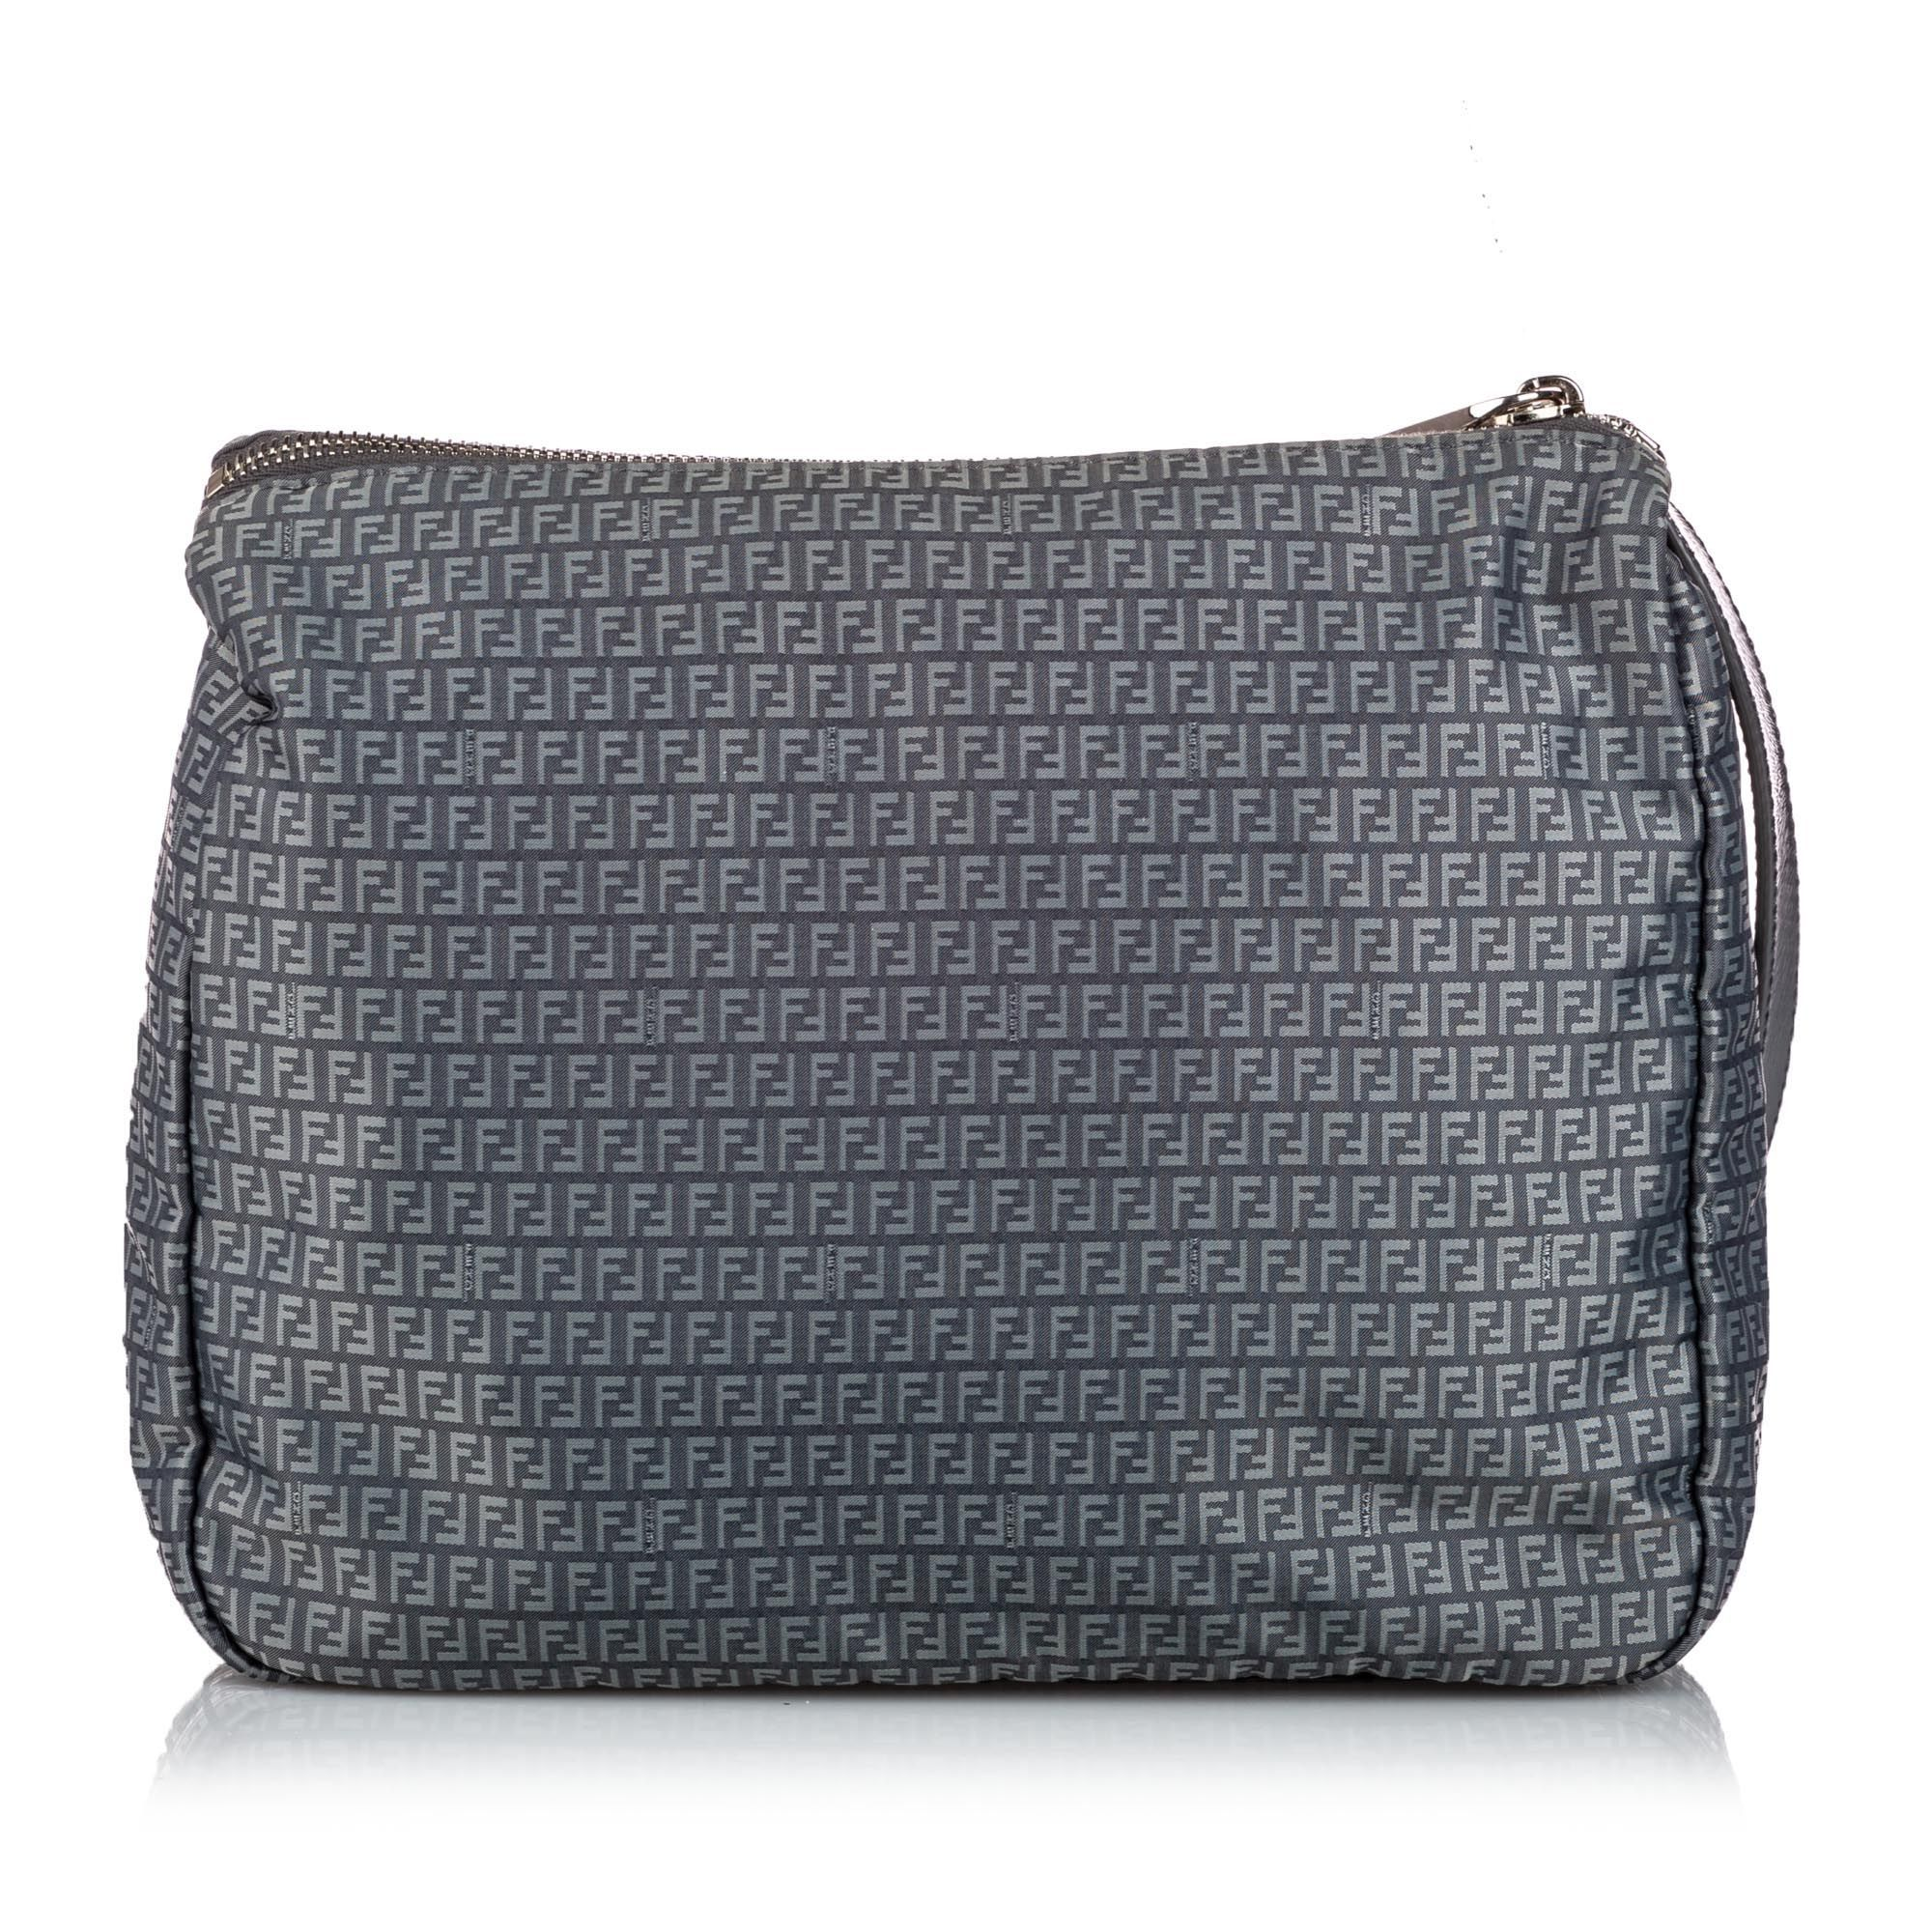 Vintage Fendi Zucchino Nylon Crossbody Bag Gray